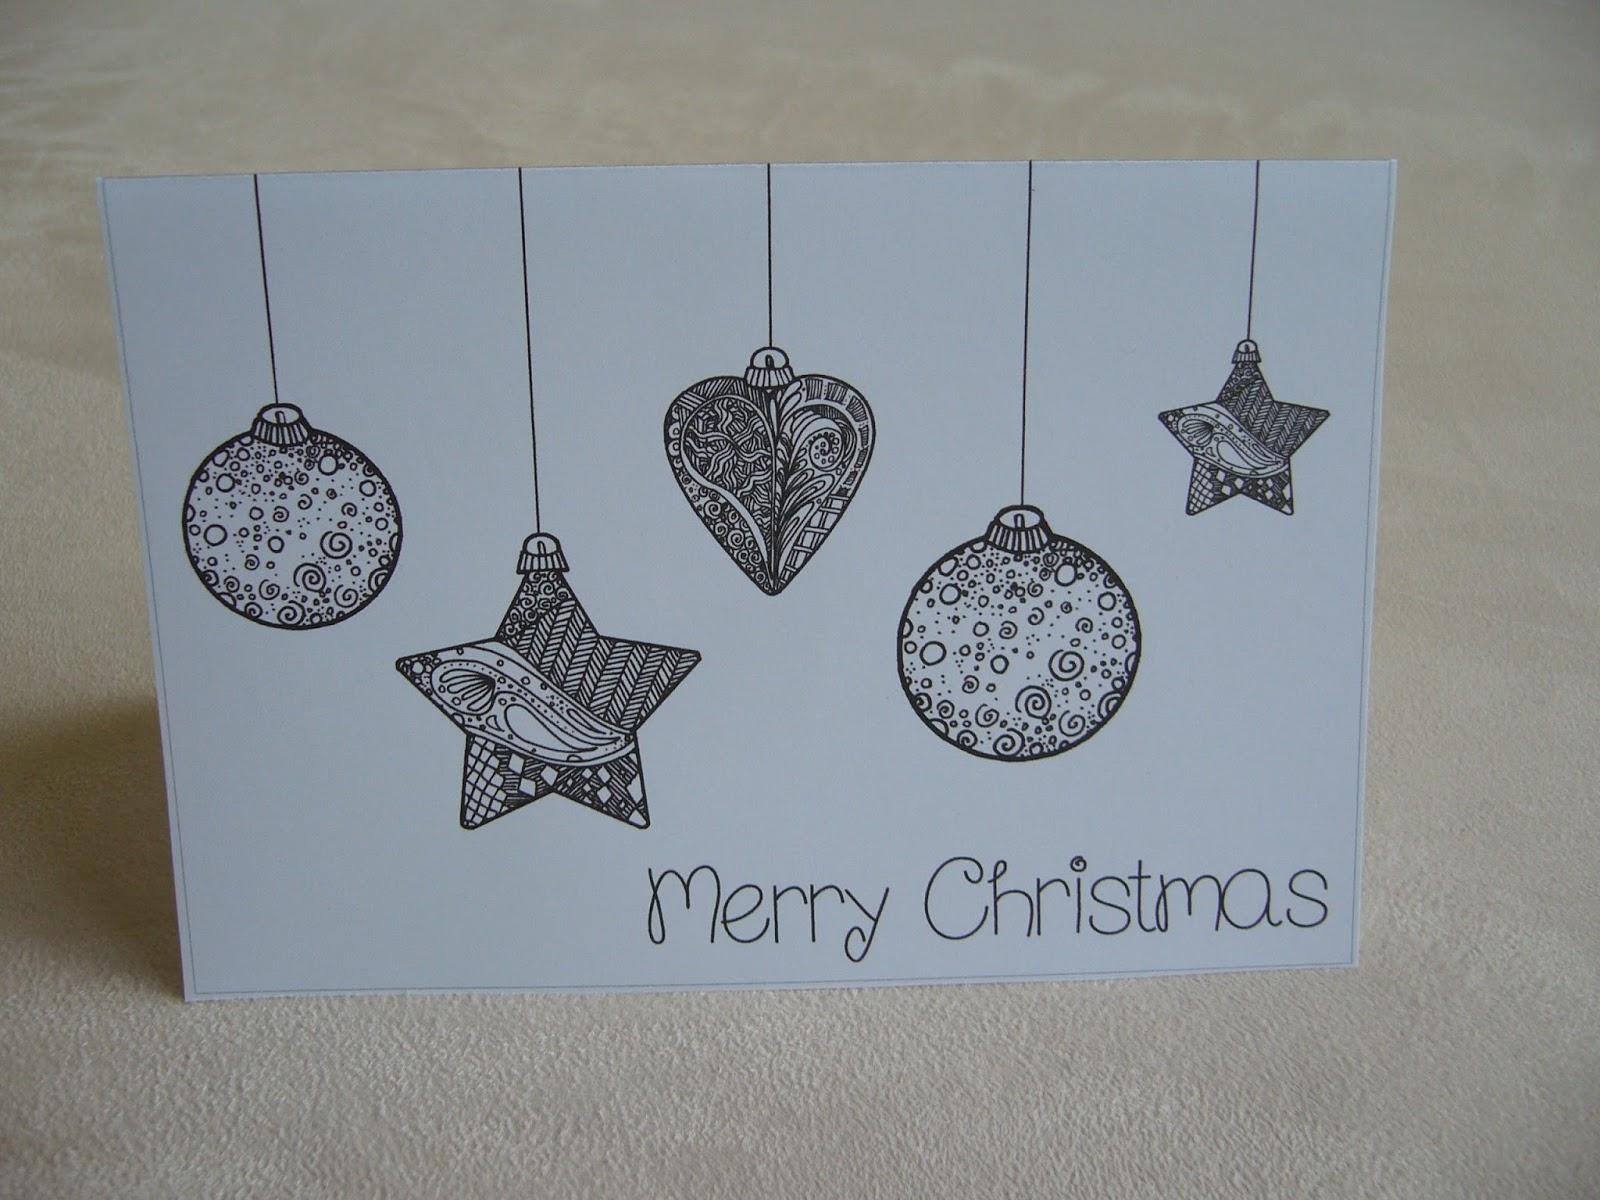 Ideenreise - Blog | Schnelle Weihnachtskarten mit Weihnachtskarten Vorlage